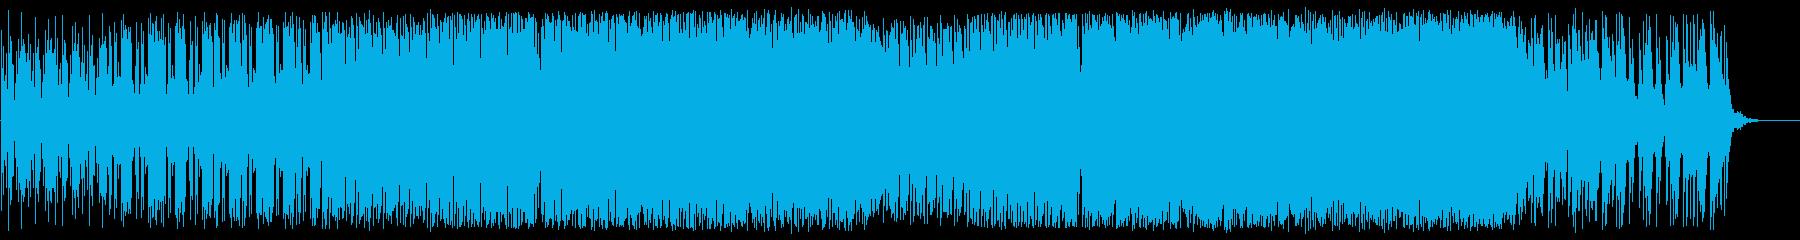 ゲームのような和洋折衷ヒップホップの再生済みの波形